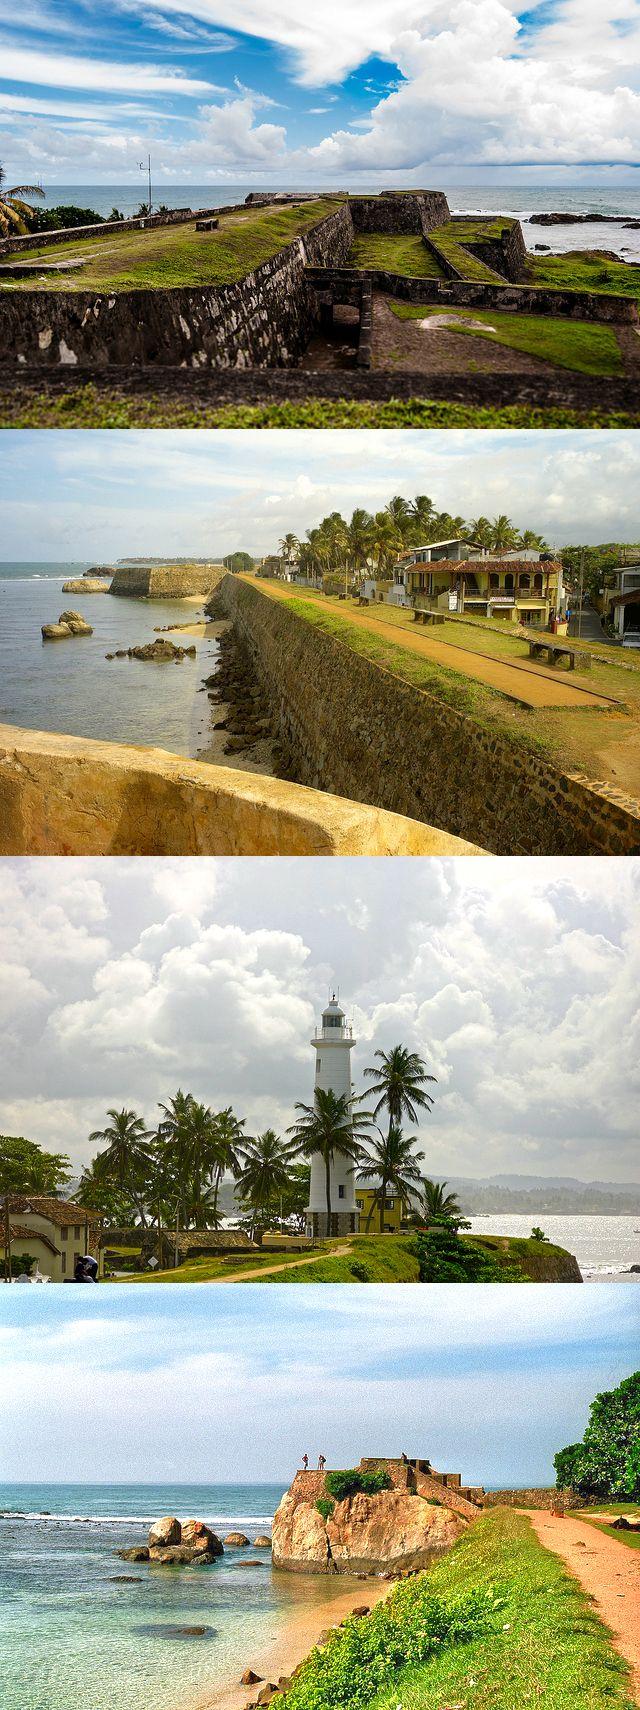 Galle Fort, Sri Lanka #SriLanka #Galle #DutchFort